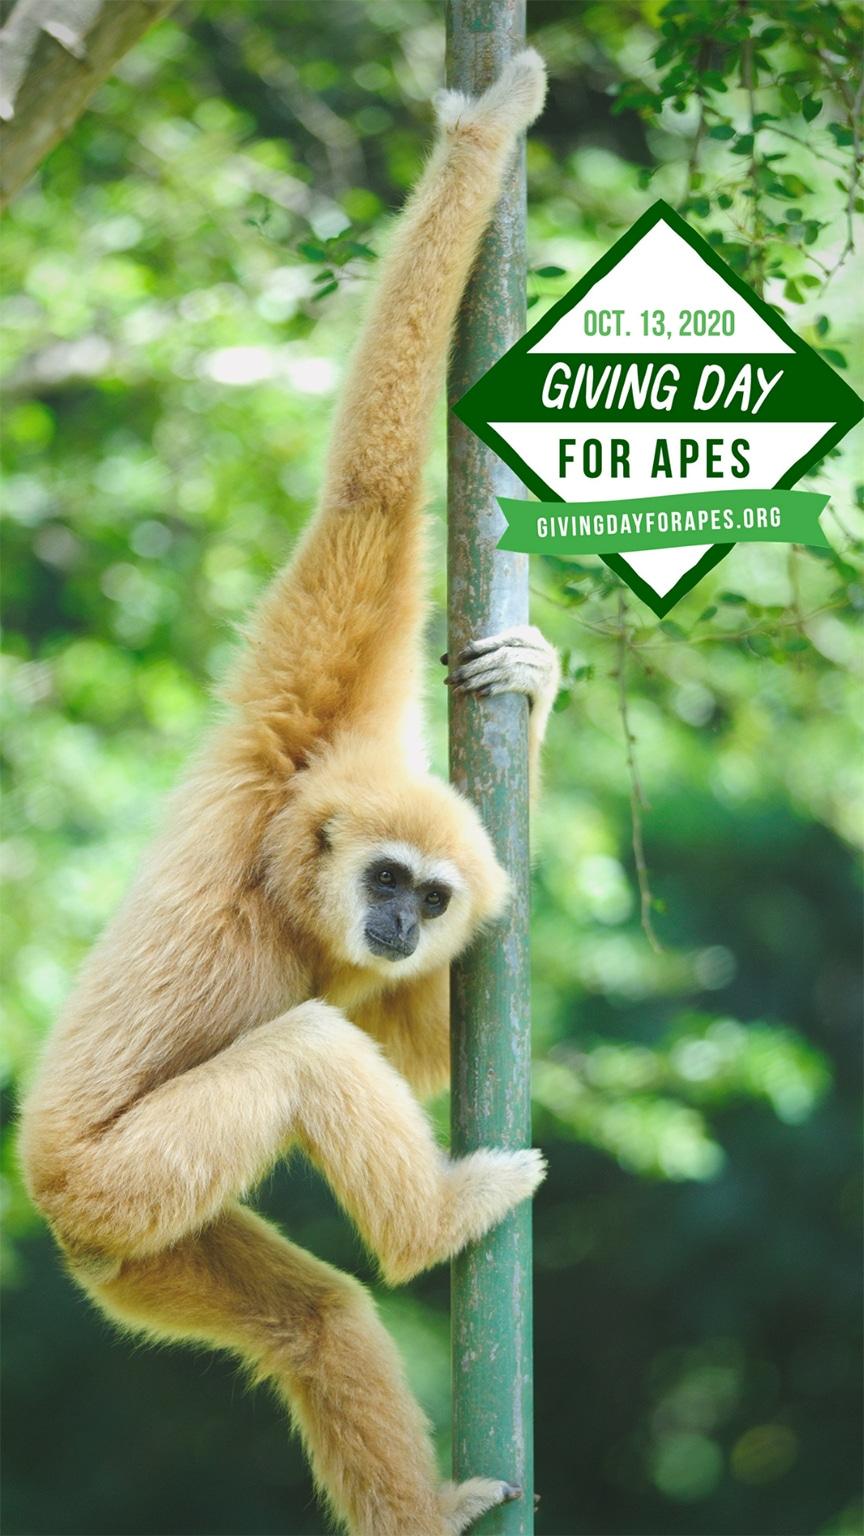 A gibbon climbs a branch.